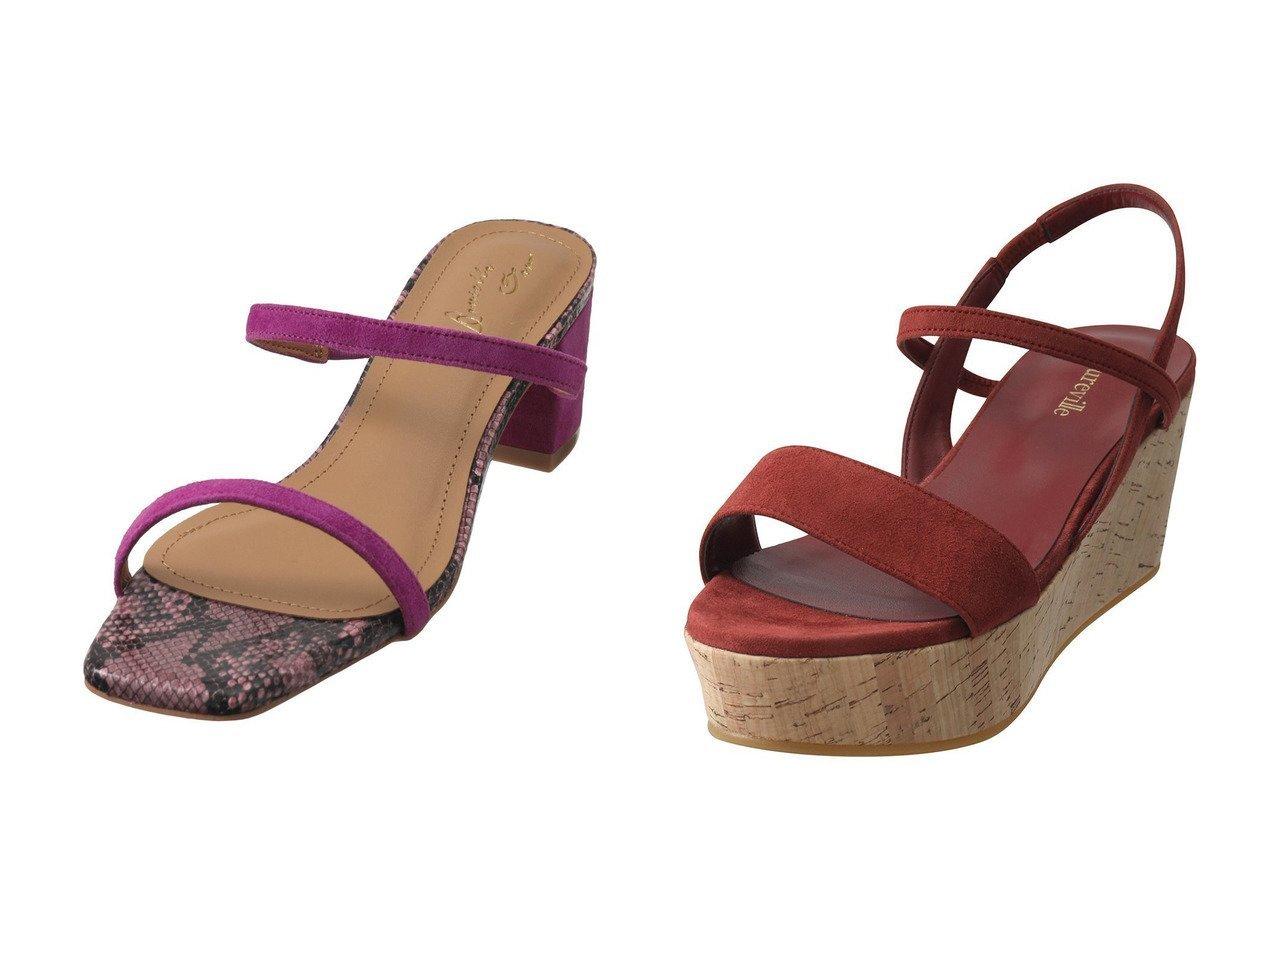 【allureville/アルアバイル】のハイヒールコルクウェッジサンダル&【Daniella & GEMMA/ダニエラ アンド ジェマ】のスクエアトゥチャンキーヒールサンダル 【シューズ・靴】おすすめ!人気、トレンド・レディースファッションの通販 おすすめで人気の流行・トレンド、ファッションの通販商品 インテリア・家具・メンズファッション・キッズファッション・レディースファッション・服の通販 founy(ファニー) https://founy.com/ ファッション Fashion レディースファッション WOMEN コルク サンダル フォルム ラップ S/S・春夏 SS・Spring/Summer コンビ スエード フィット 春 Spring |ID:crp329100000040299